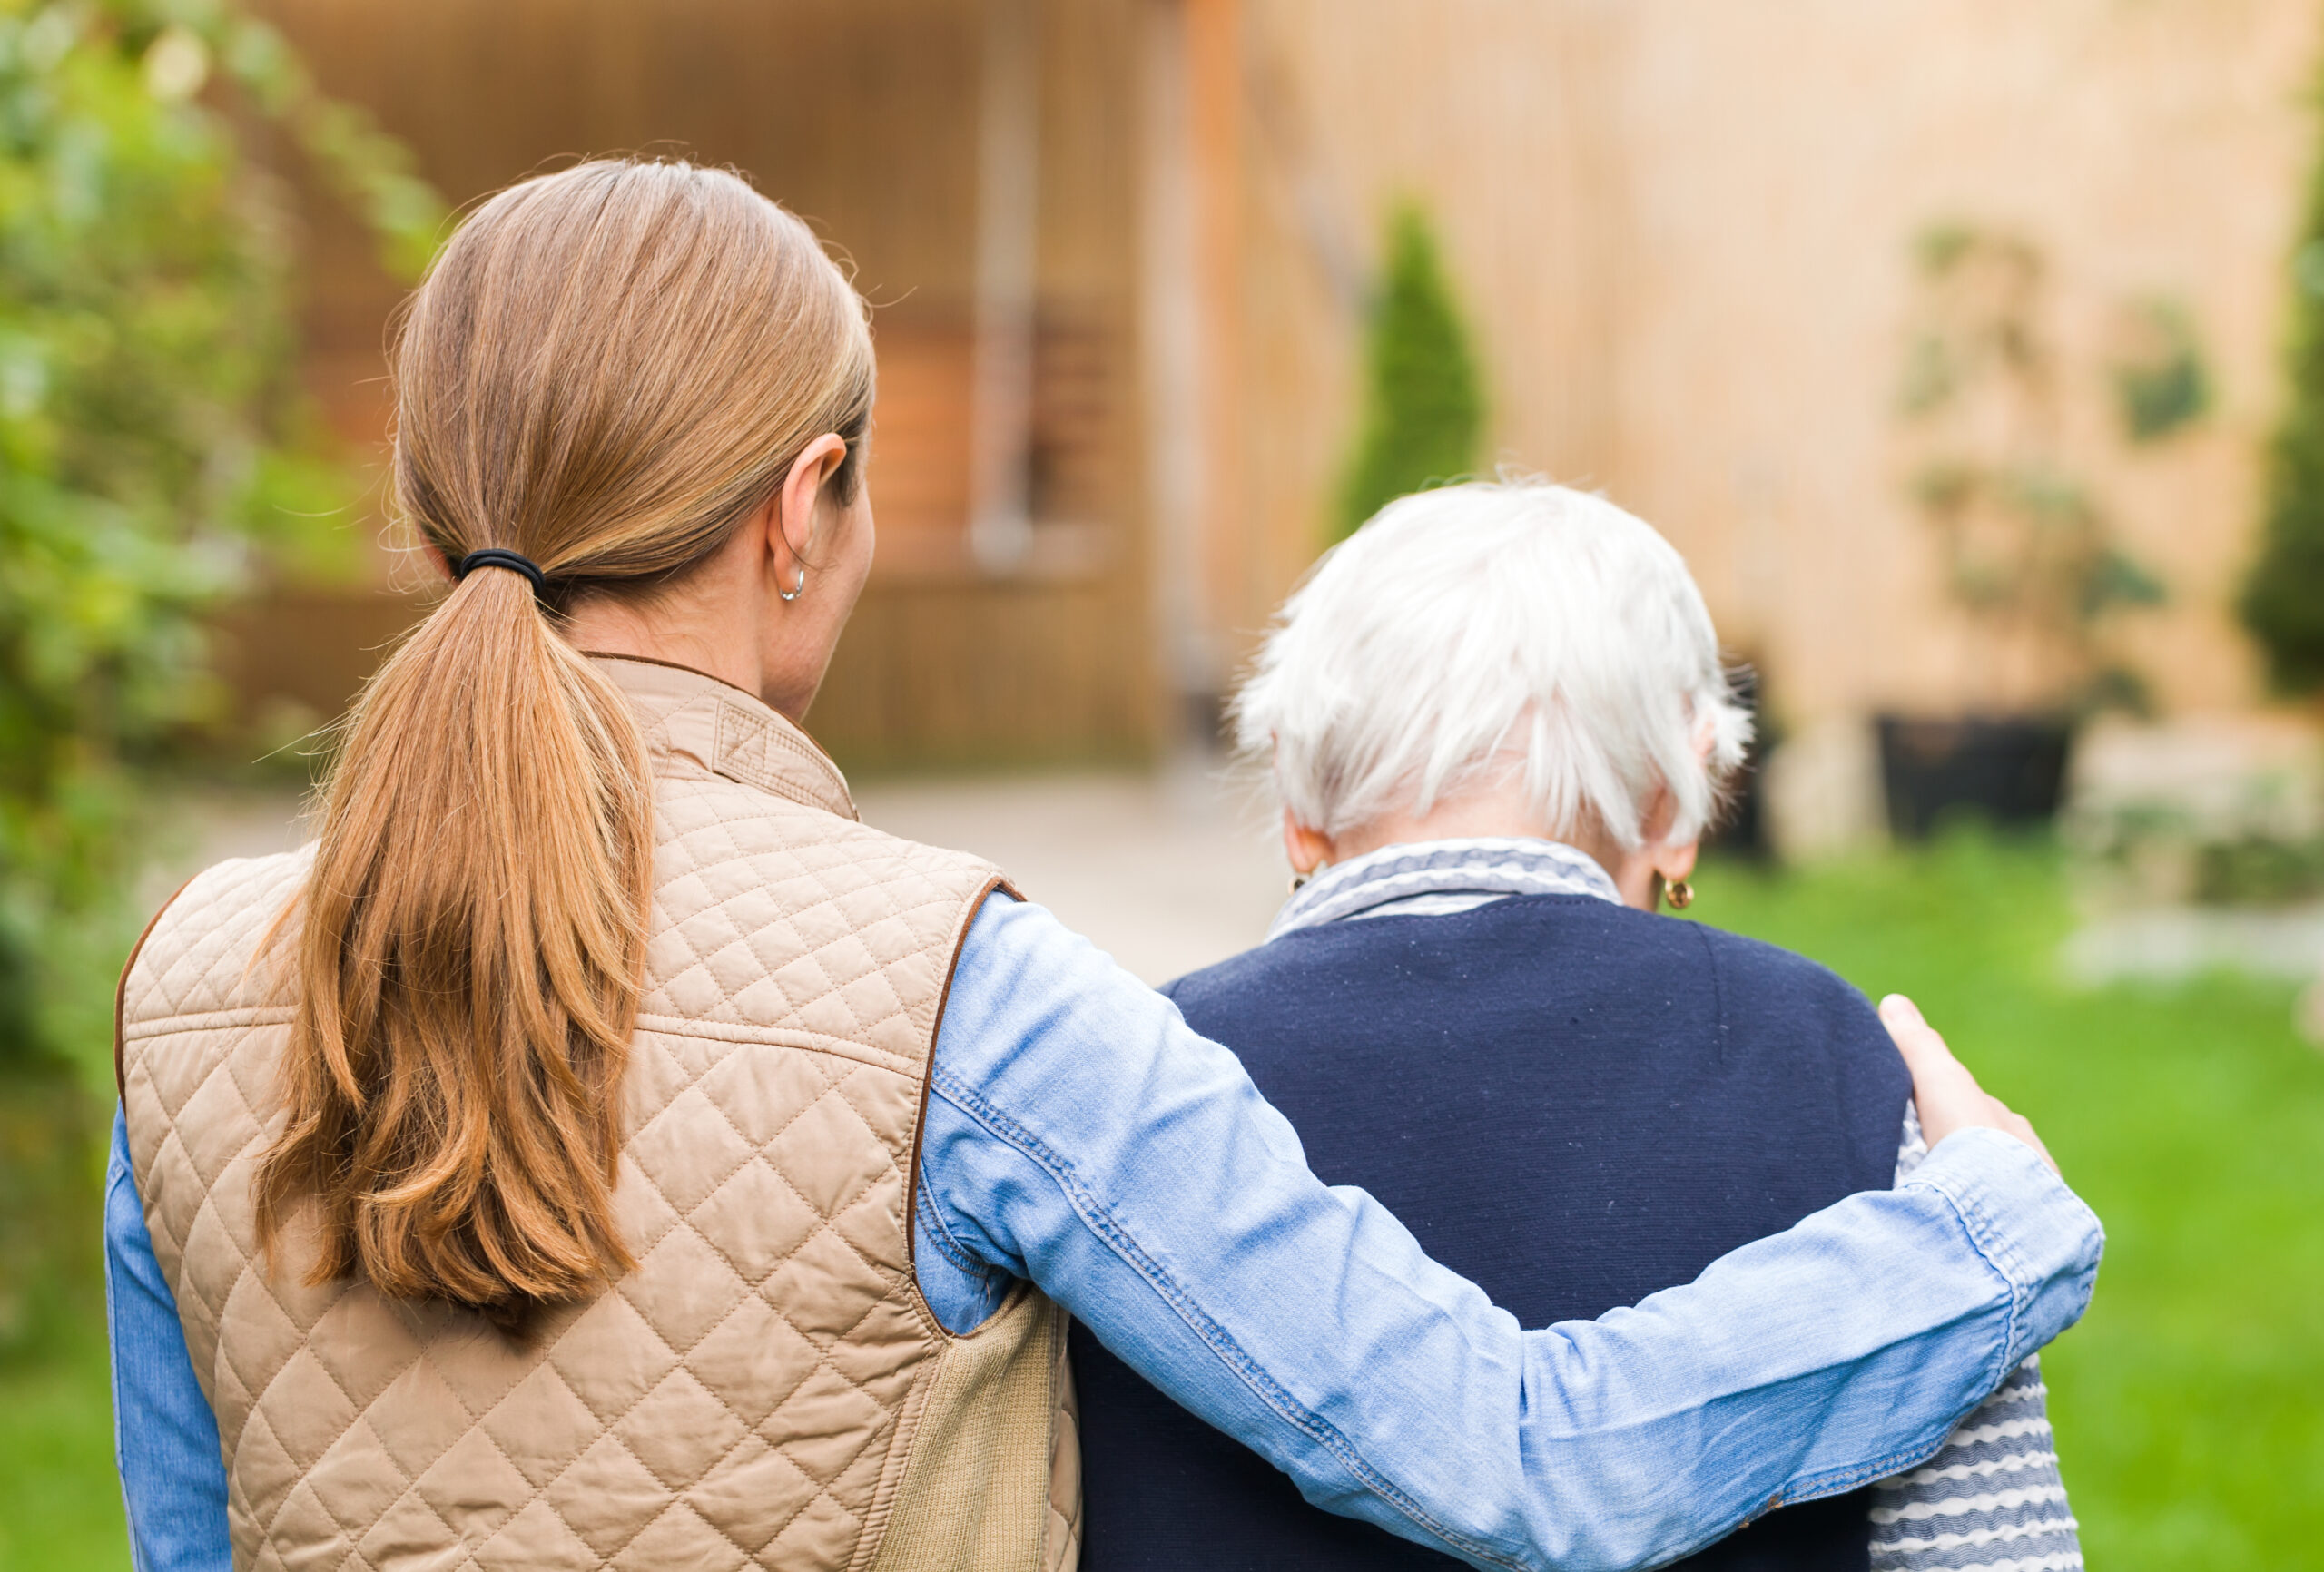 FDA Approves New Alzheimer's Drug